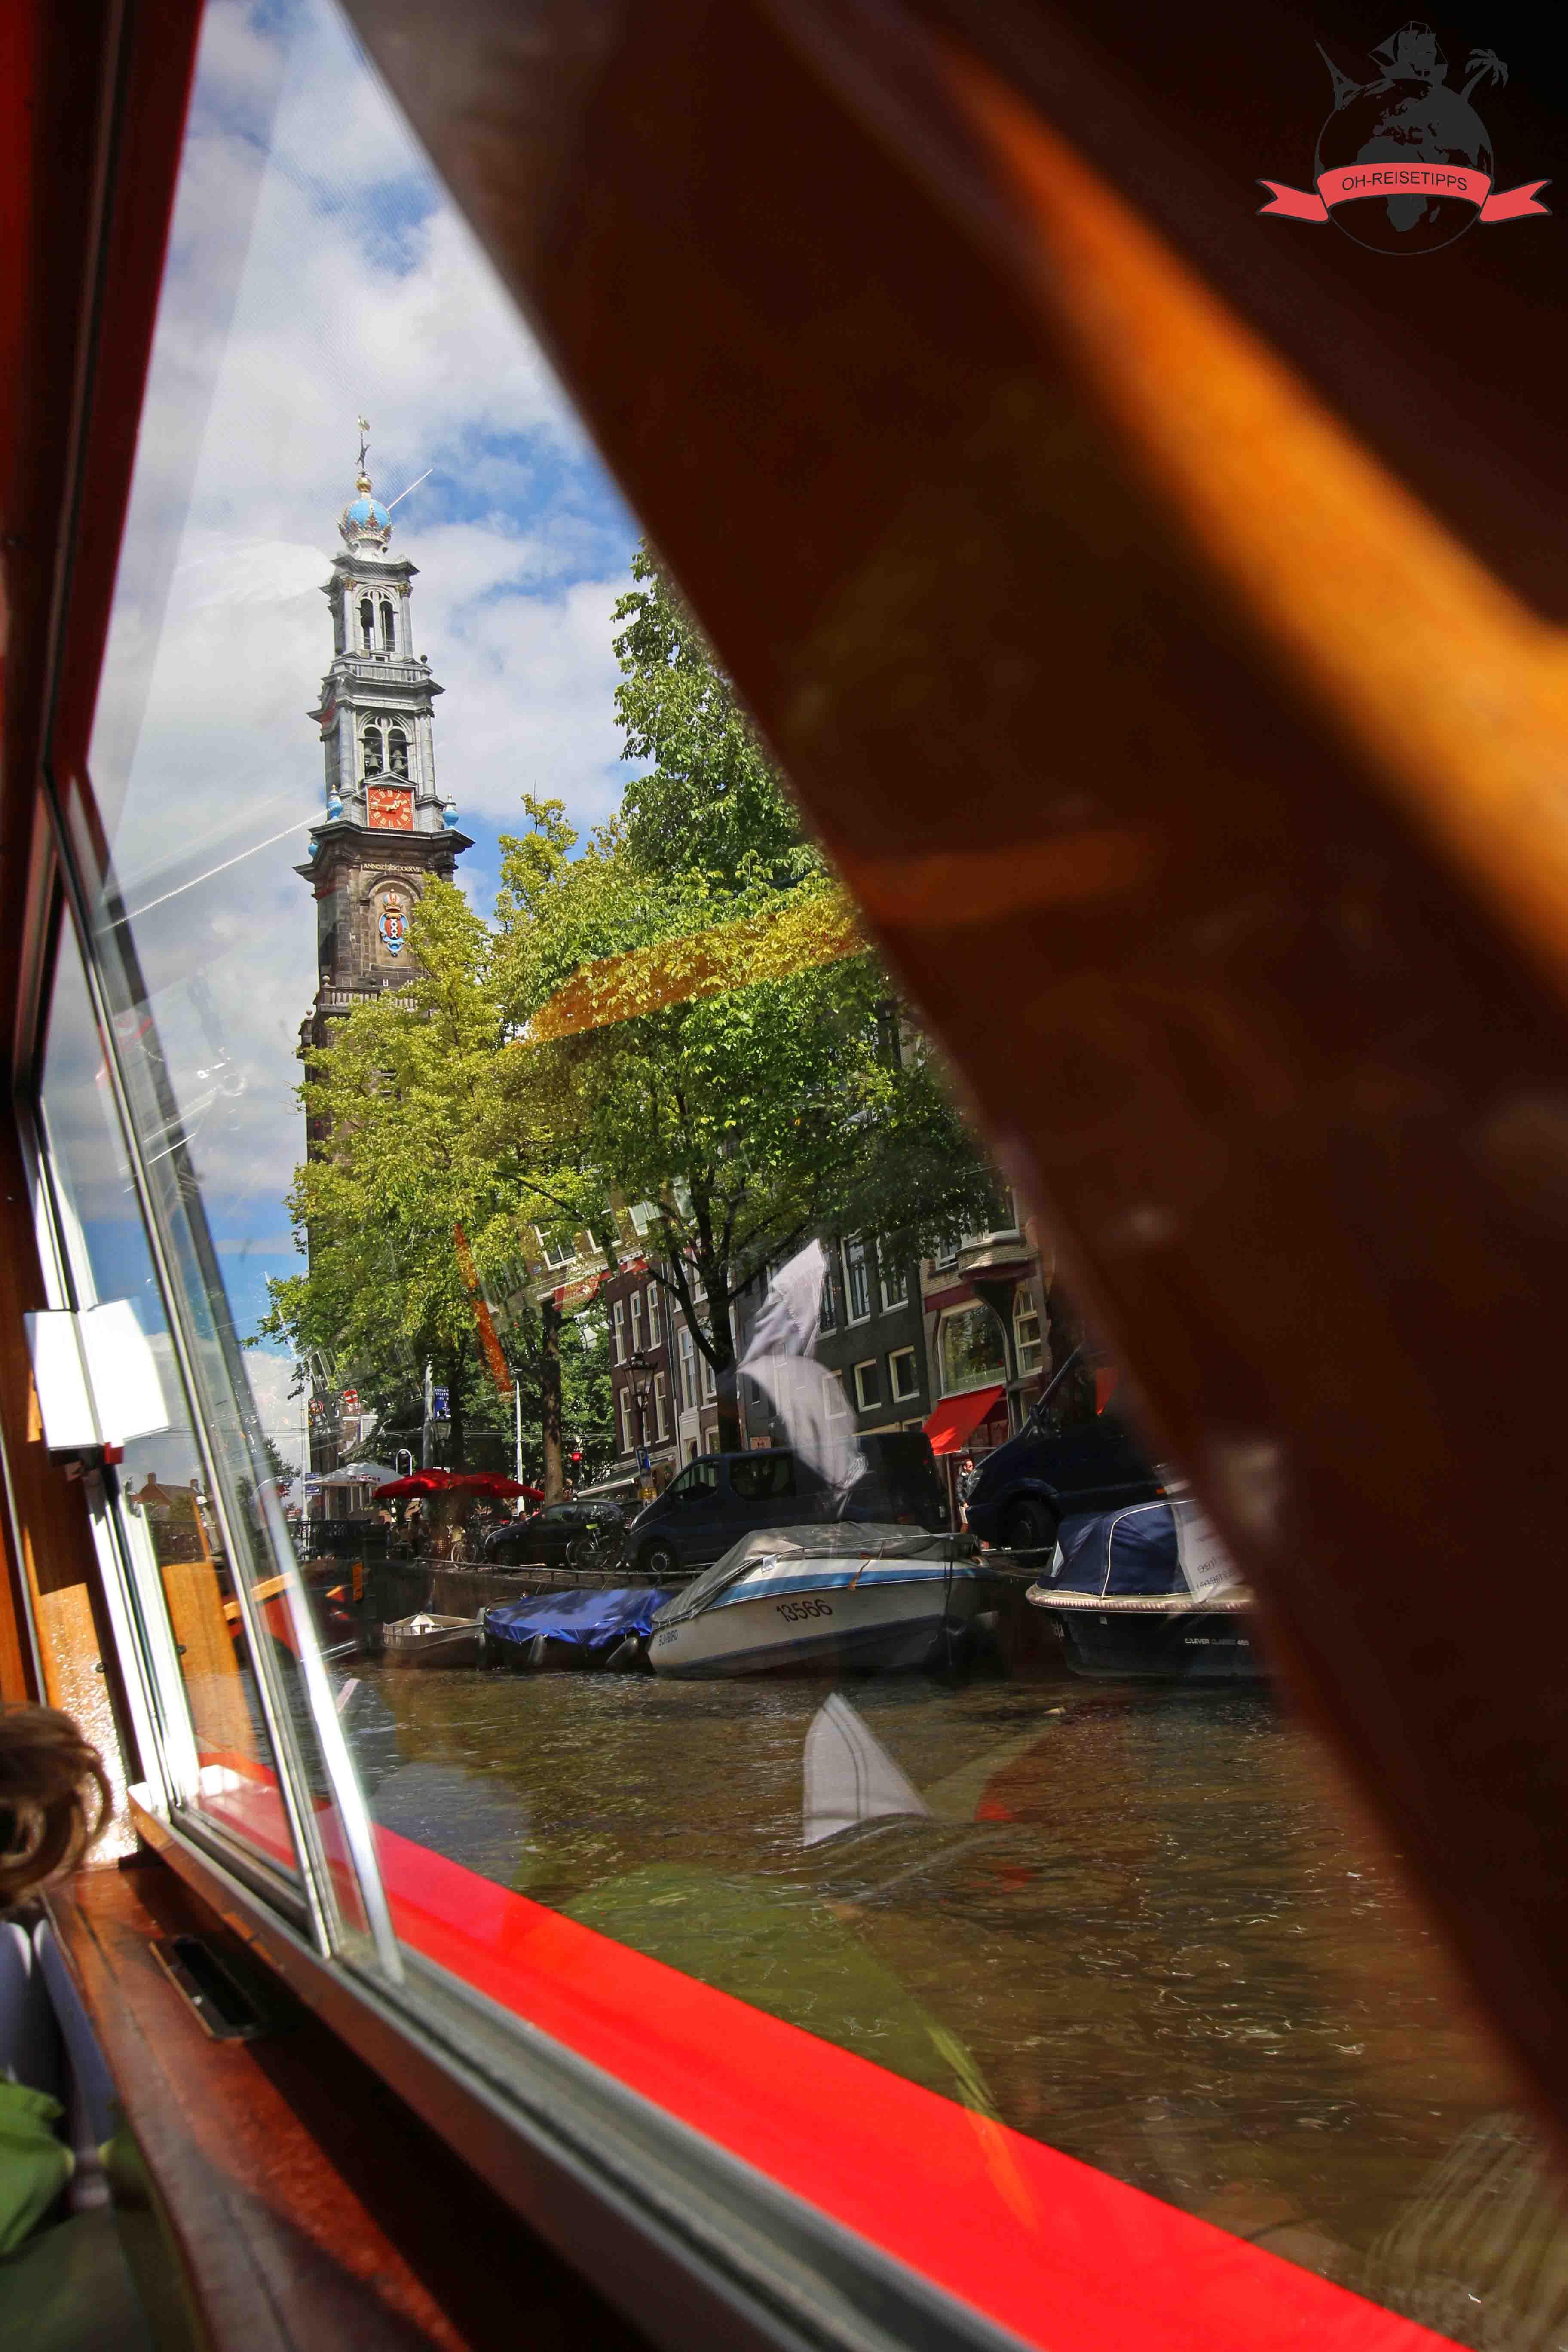 niederlande-amsterdam-grachtenfahrt3